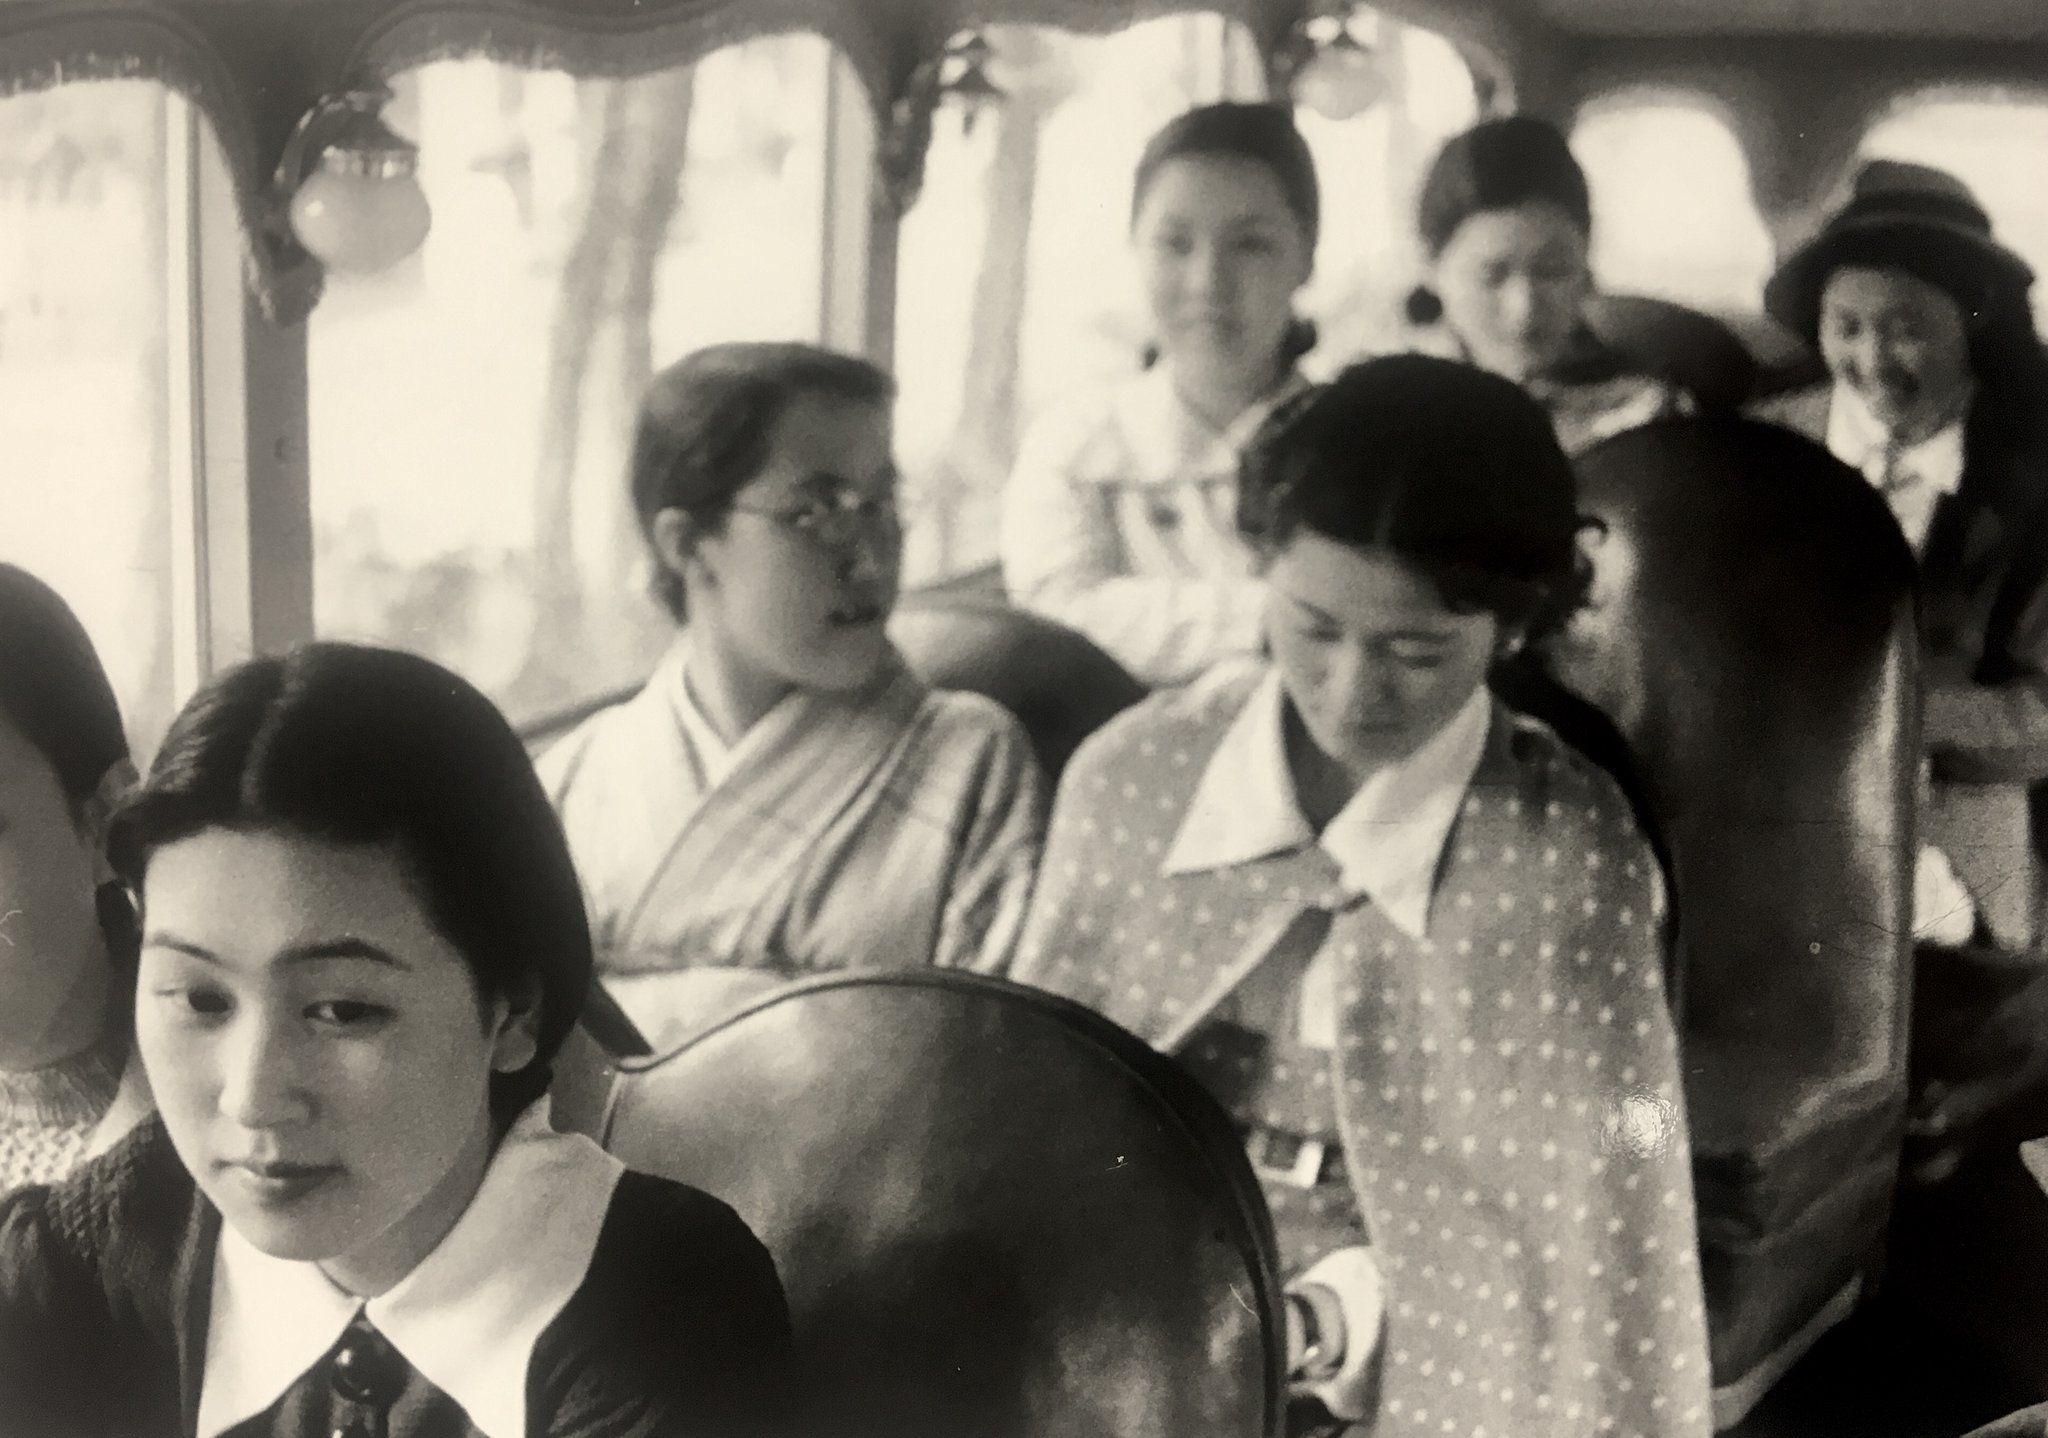 廣川 On 戦前 レトロ 箱根